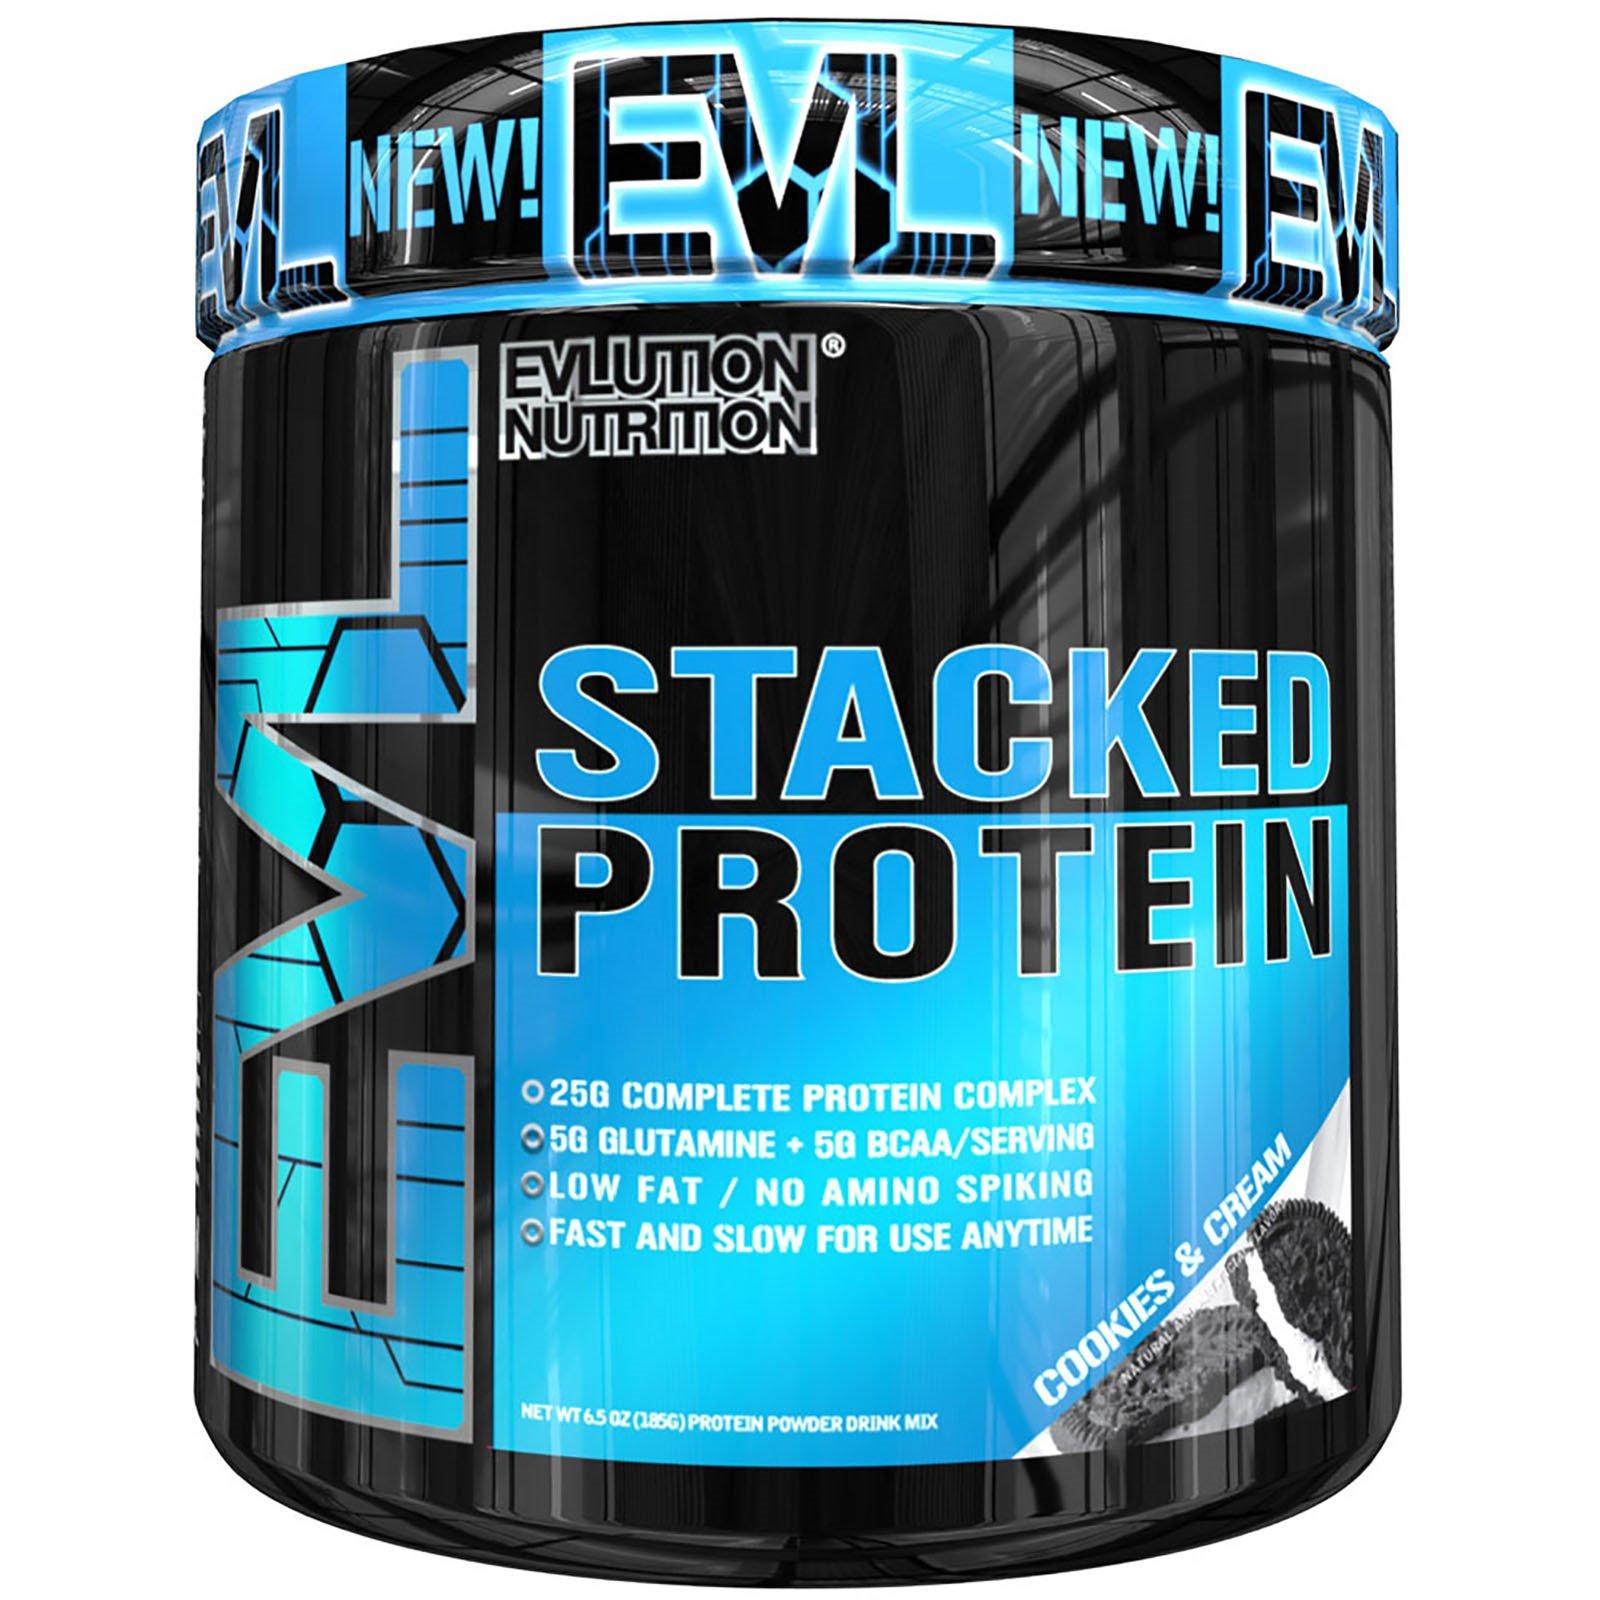 EVLution Nutrition, Stacked Protein Powder Drink Mix, Cookies & Cream , 6.5 oz (185 g)